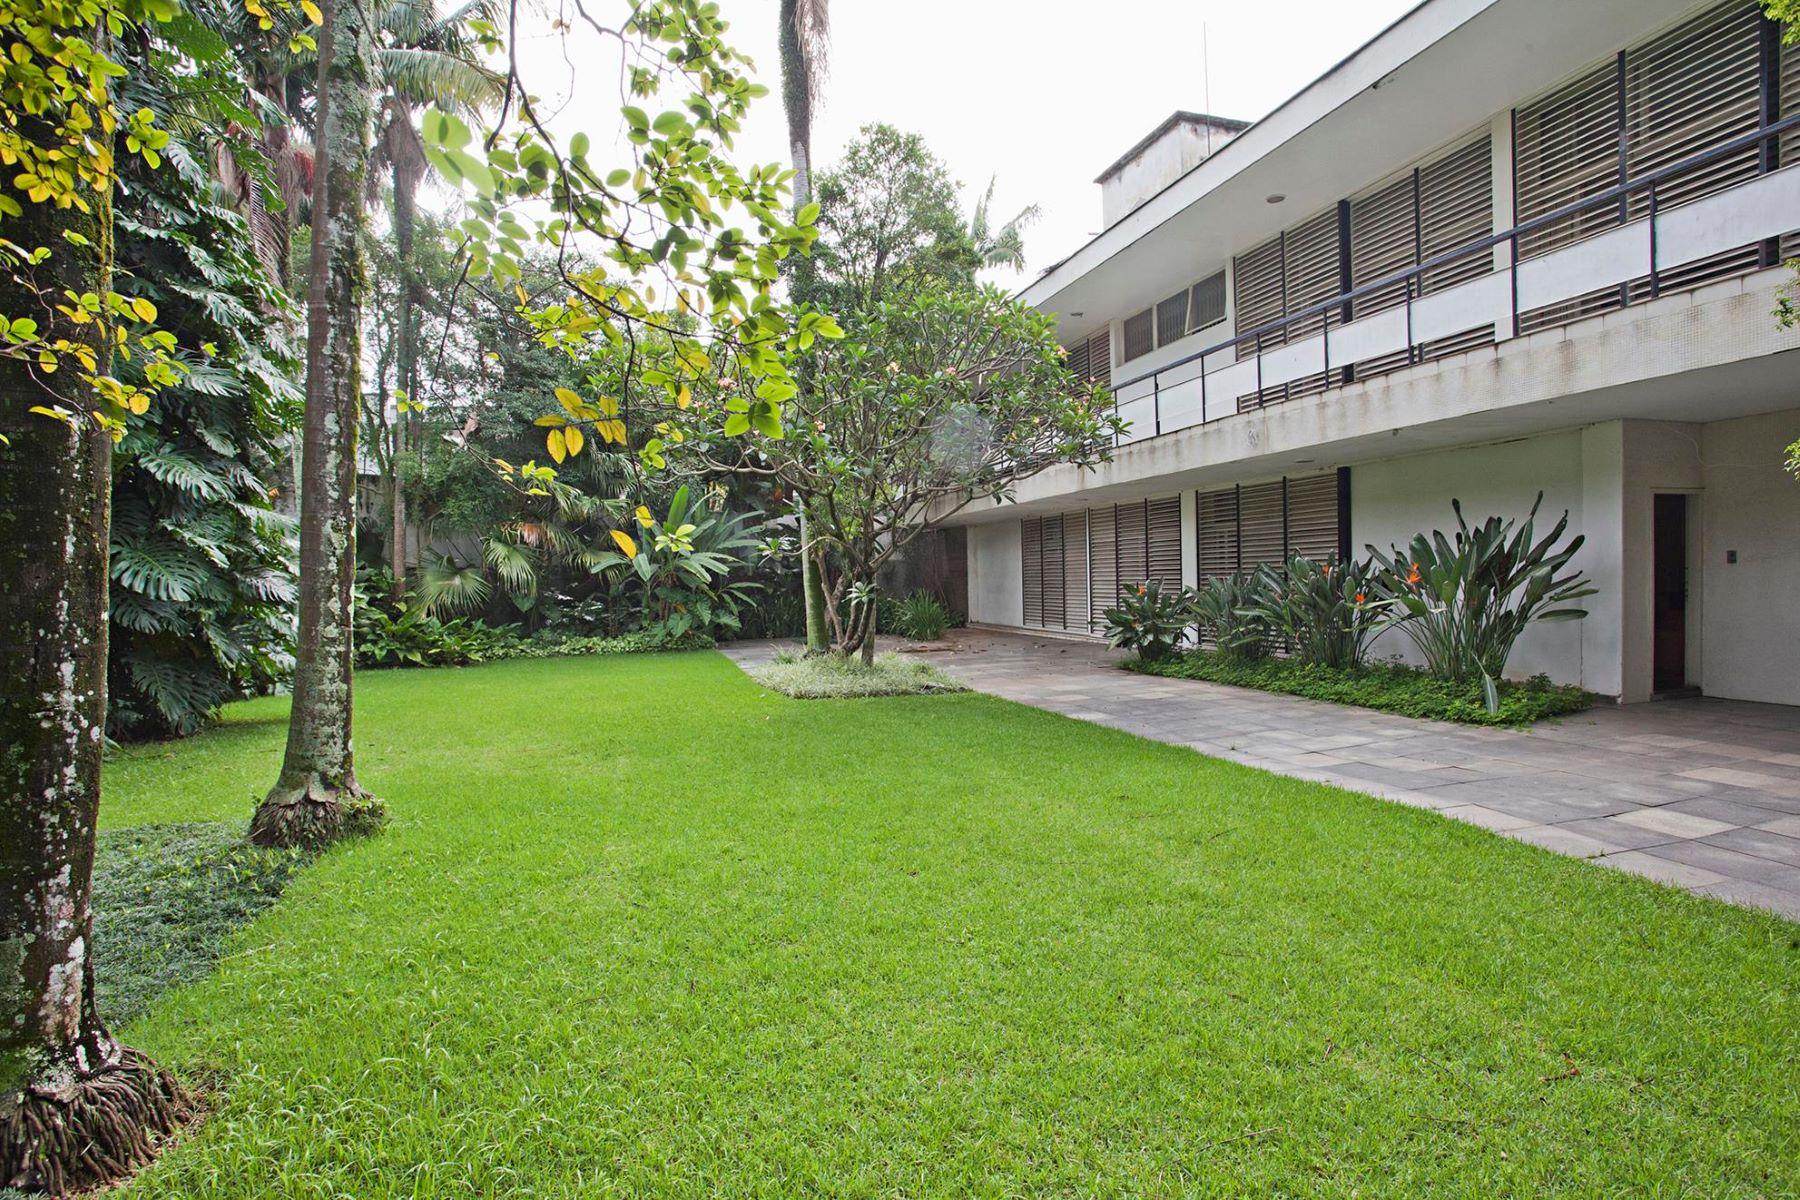 واحد منزل الأسرة للـ Sale في Project Signed by Lucio Costa in a Quiet Street Sao Paulo, Sao Paulo, 01446-000 Brazil